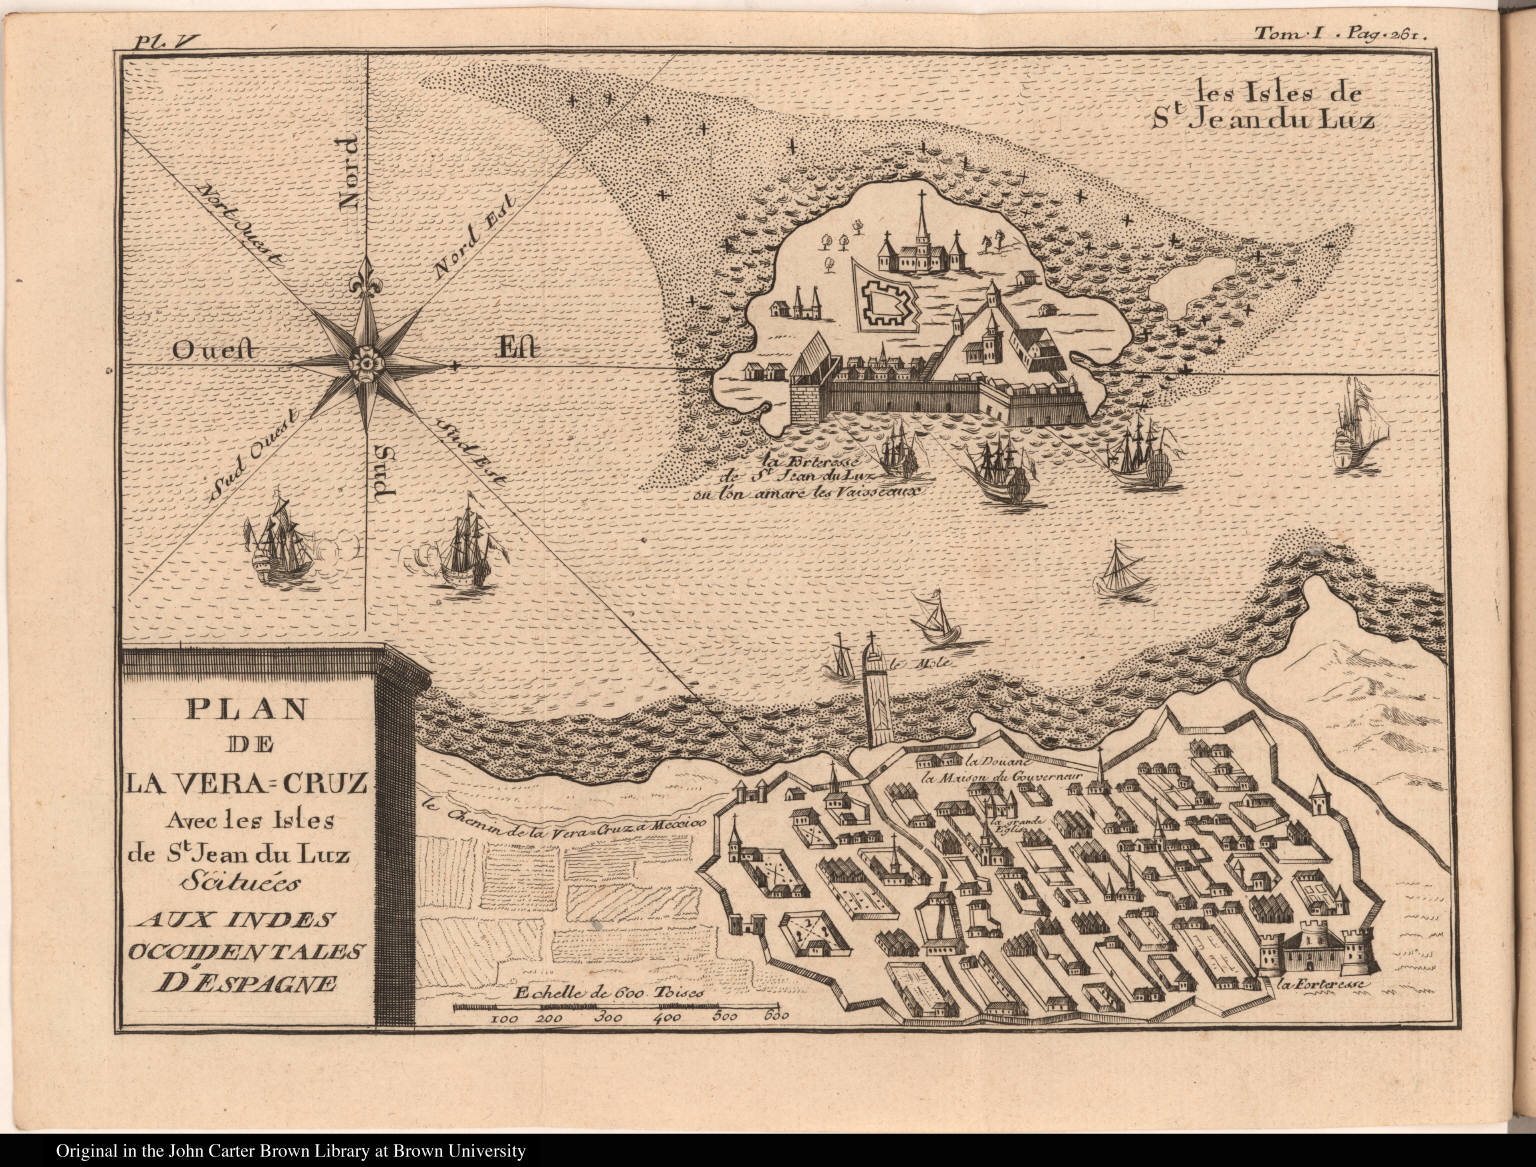 Plan de la Vera=Cruz Avec les Isles de St. Jean du Luz ...